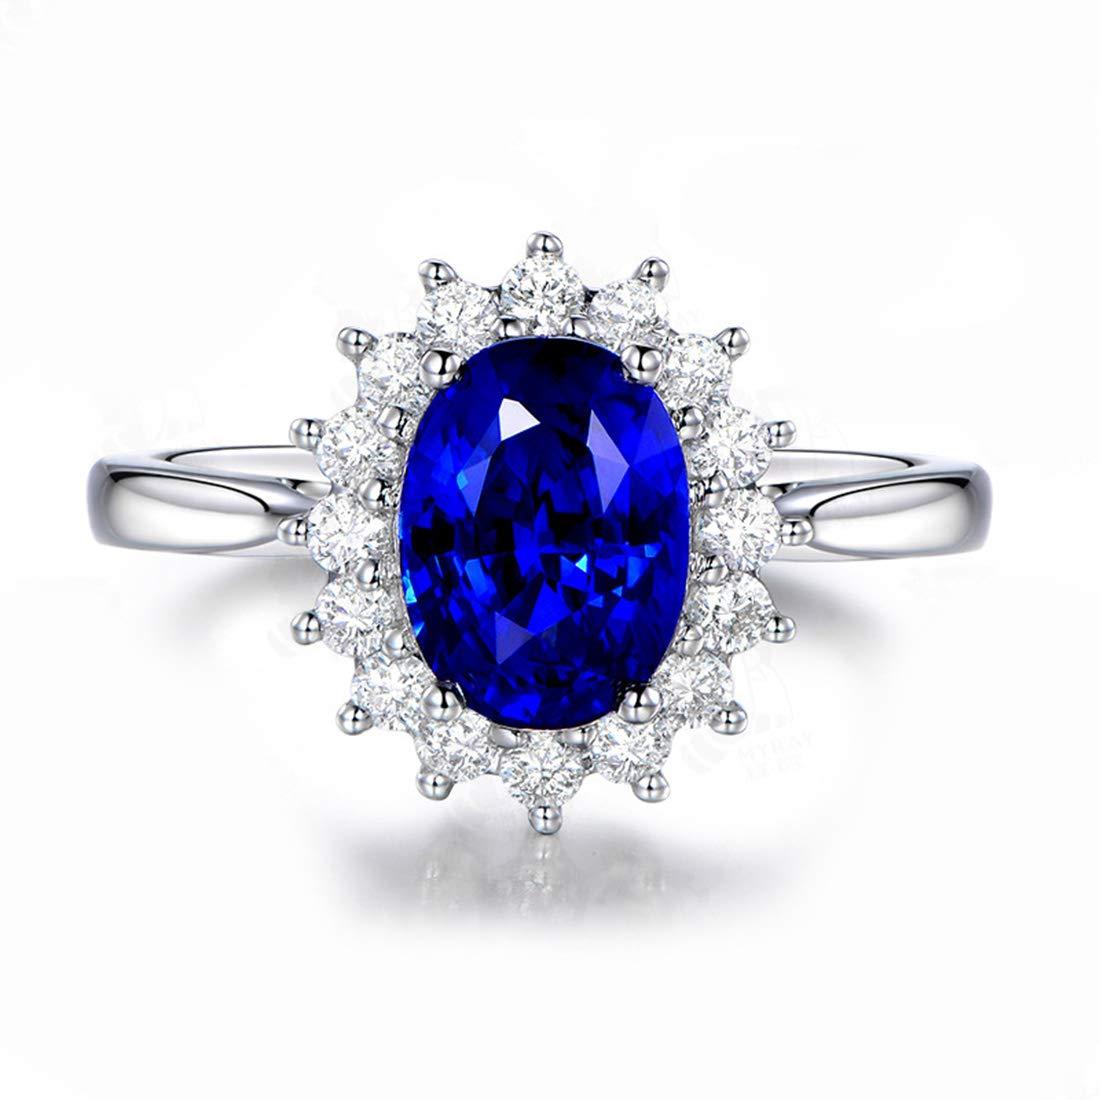 Wicemoon Middleton Bague Argent 925/1000 Saphir Bleu Zirconia Cubique Bague de Fiançailles